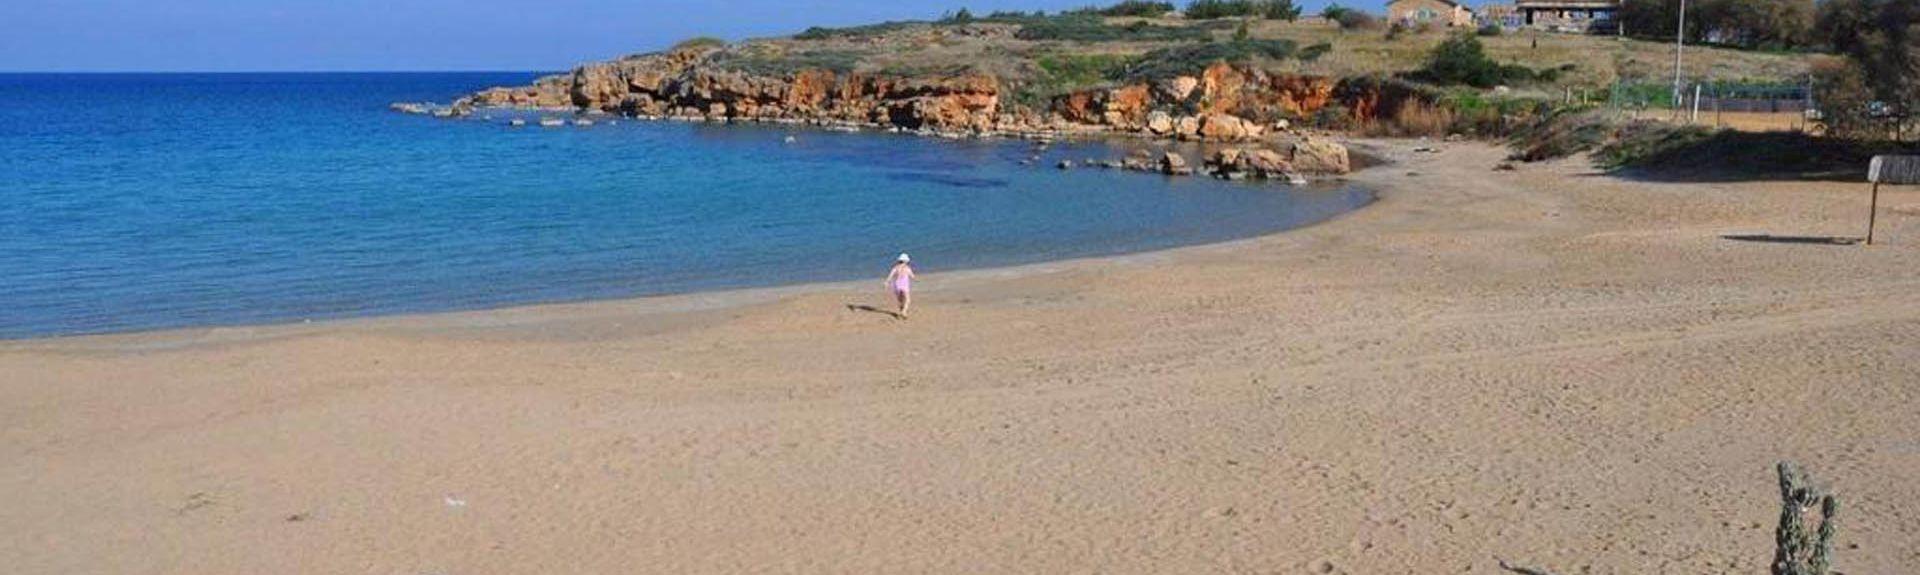 Kantanos-Selino, Ilha de Creta, Grécia